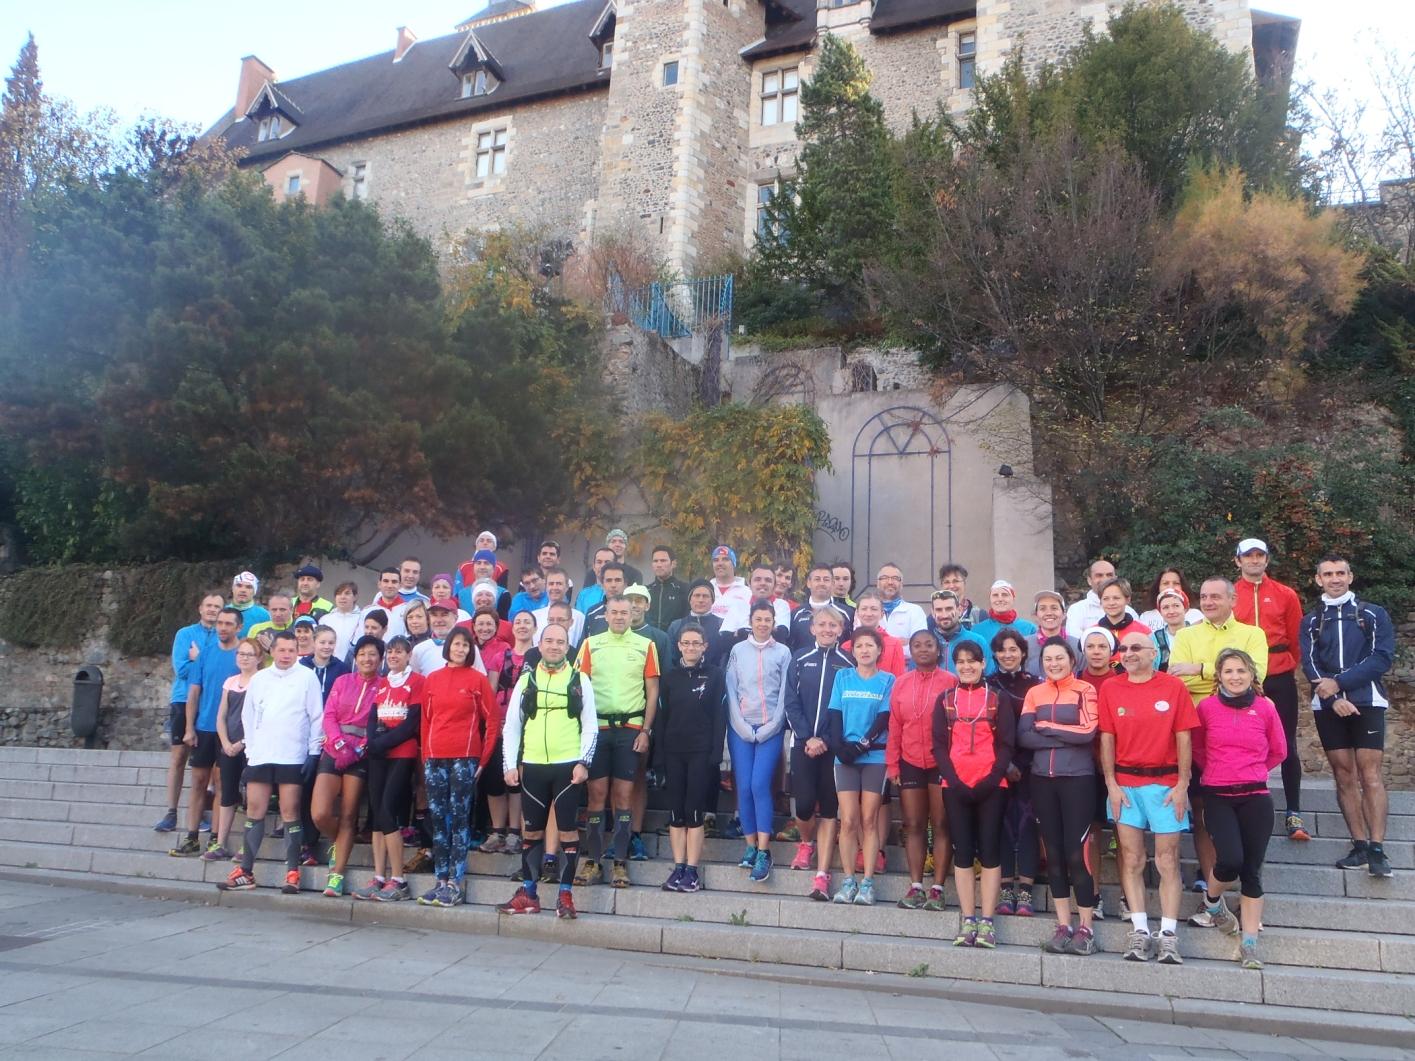 Montluçon Urban Trail 2 (MUT 2)